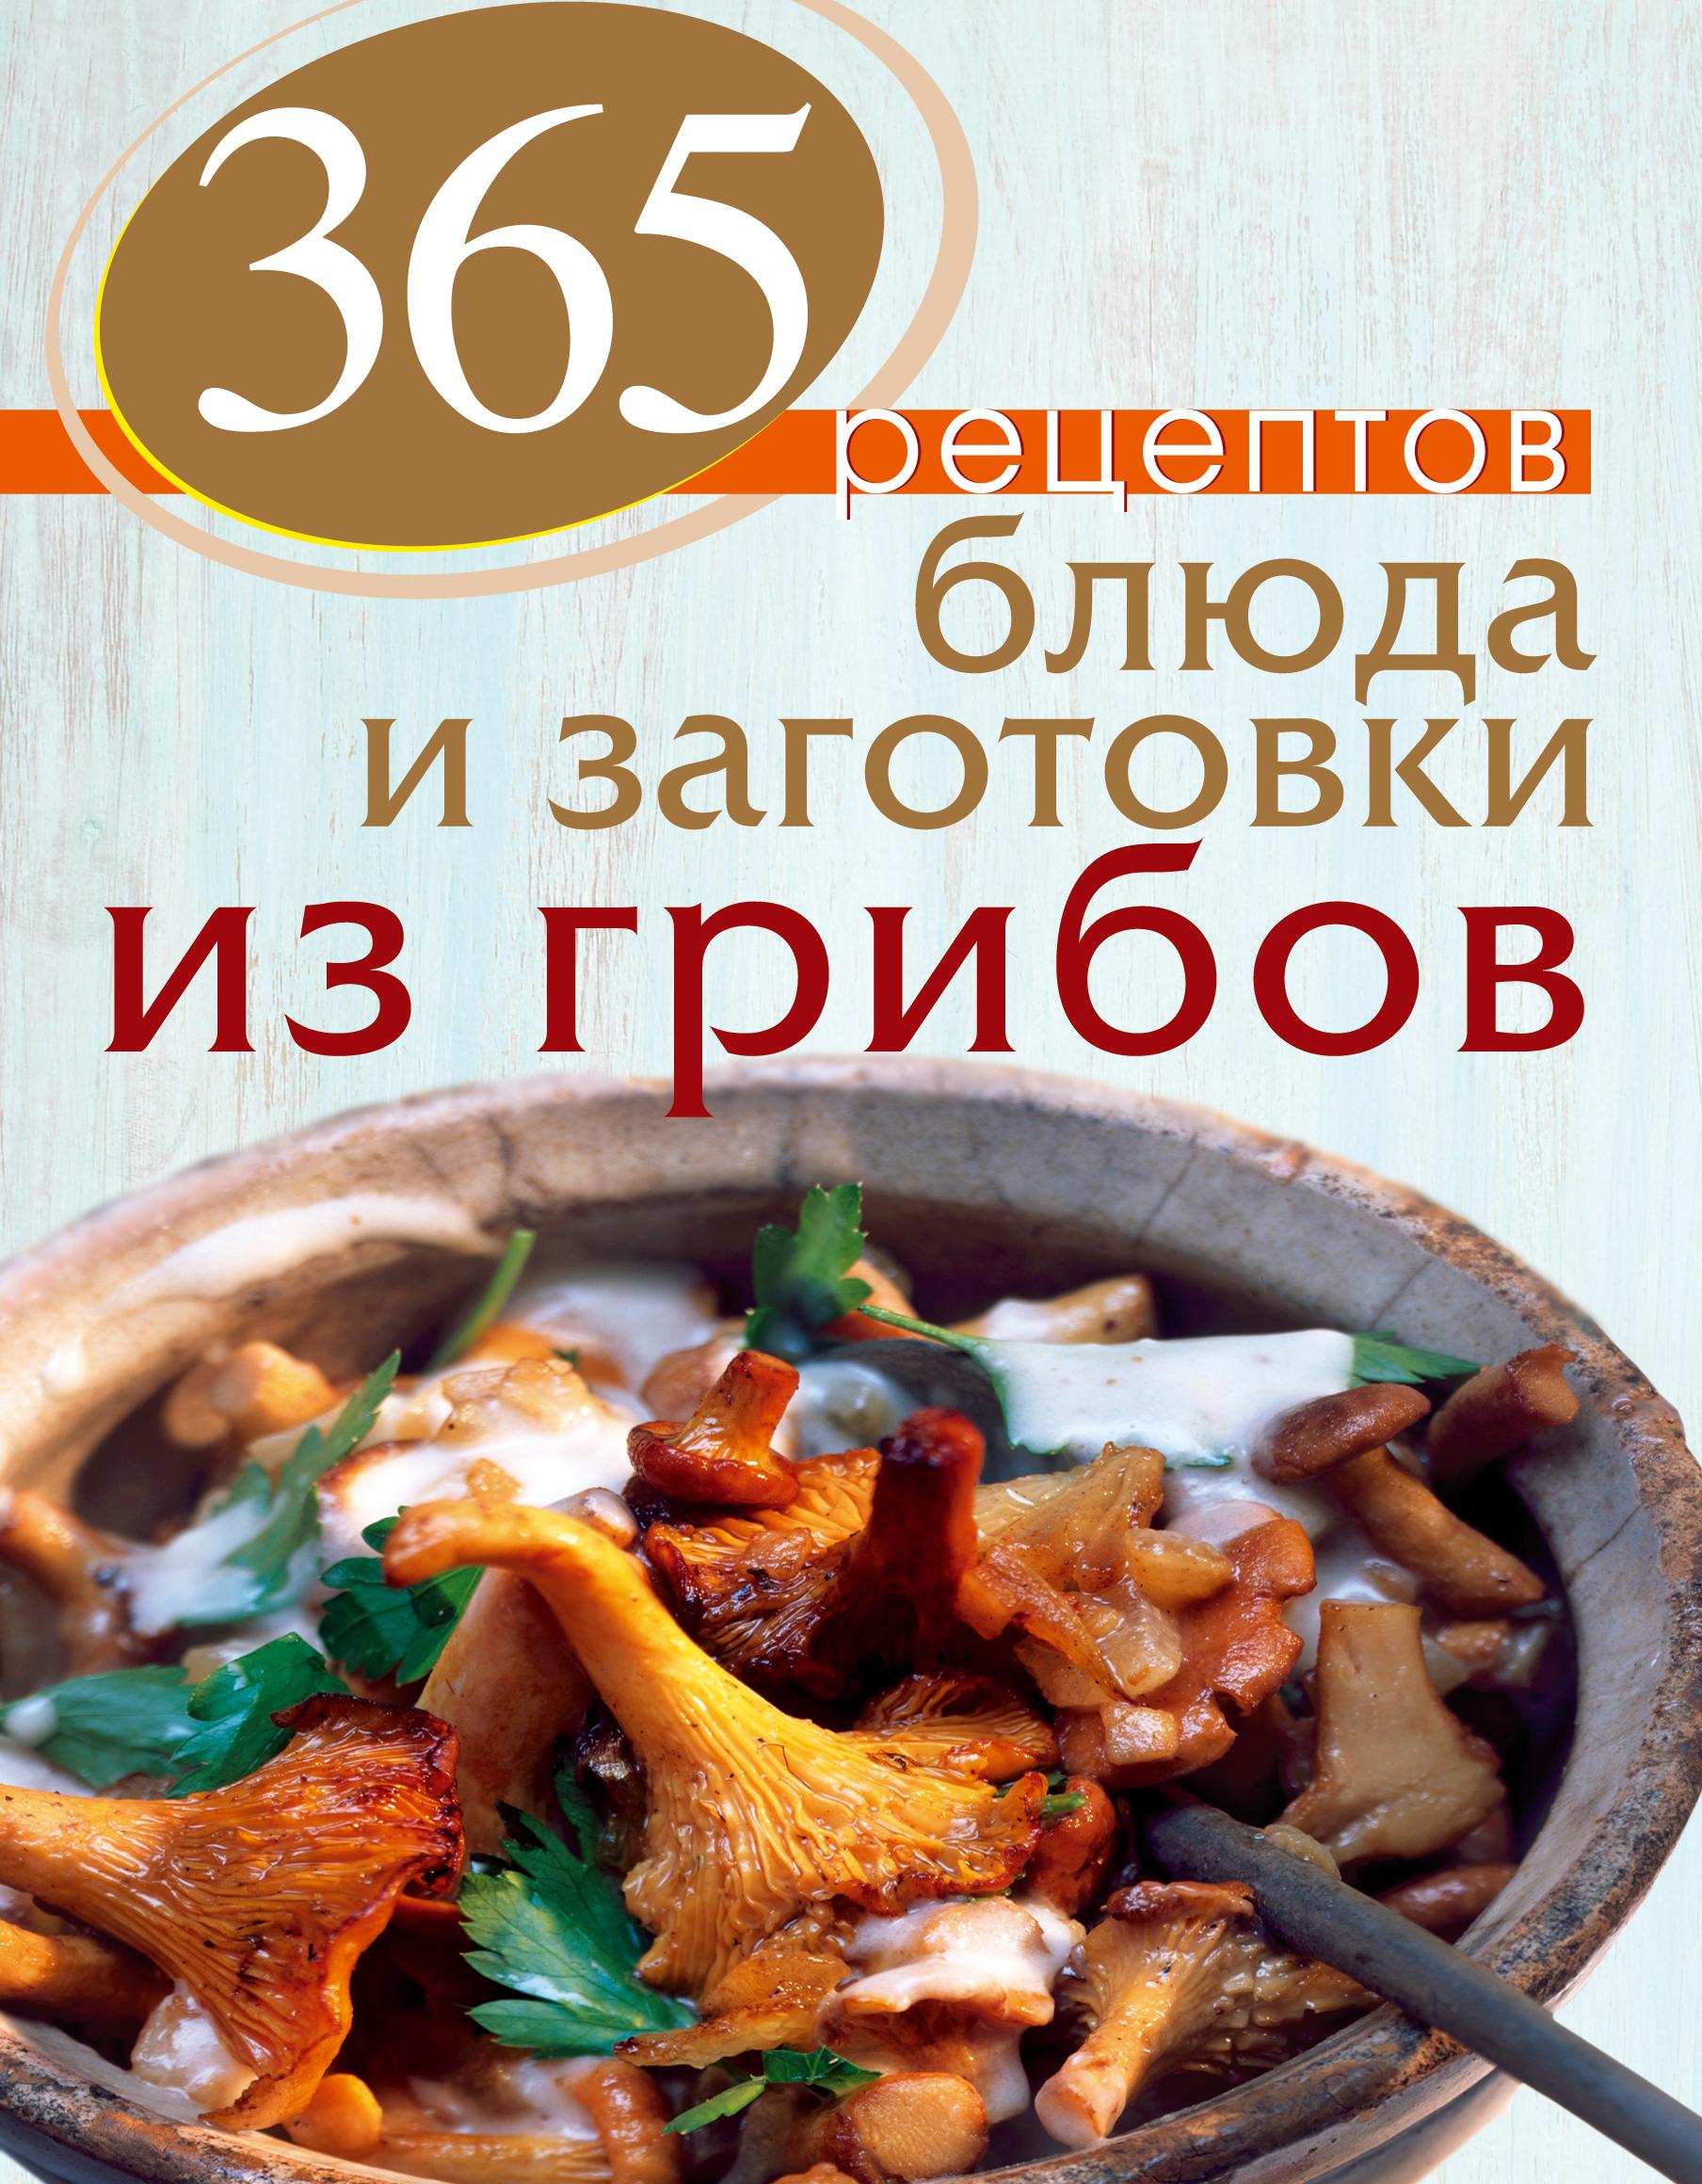 365 рецептов. Блюда и заготовки из грибов юлия высоцкая вкусные заметки книга для записи рецептов